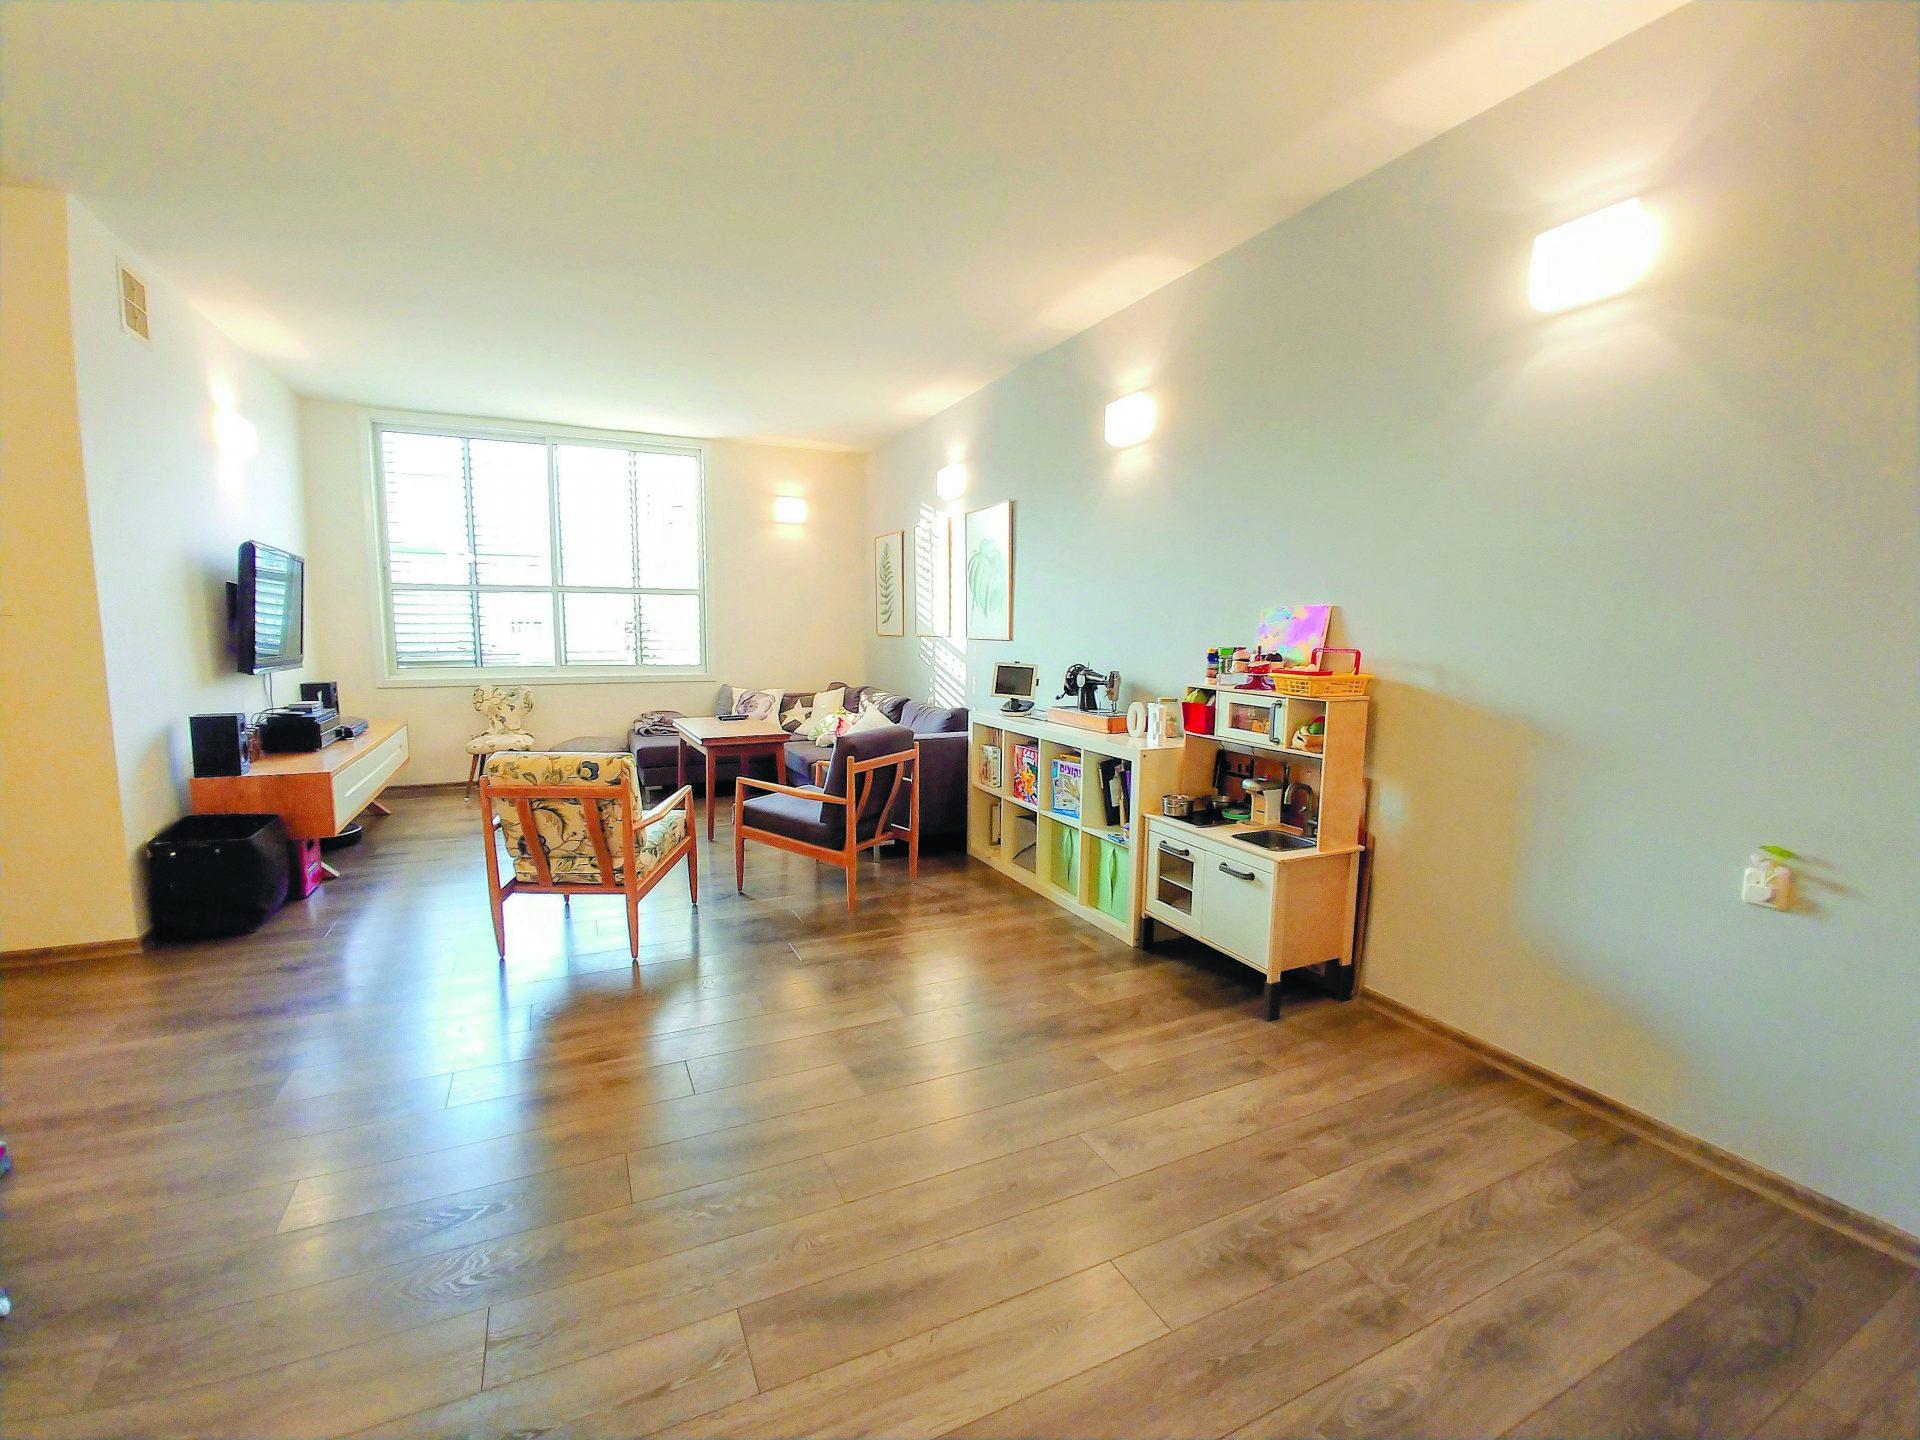 הצעת השבוע. דירה עם ארבעה חדרים ב-2.12 מיליון שקל